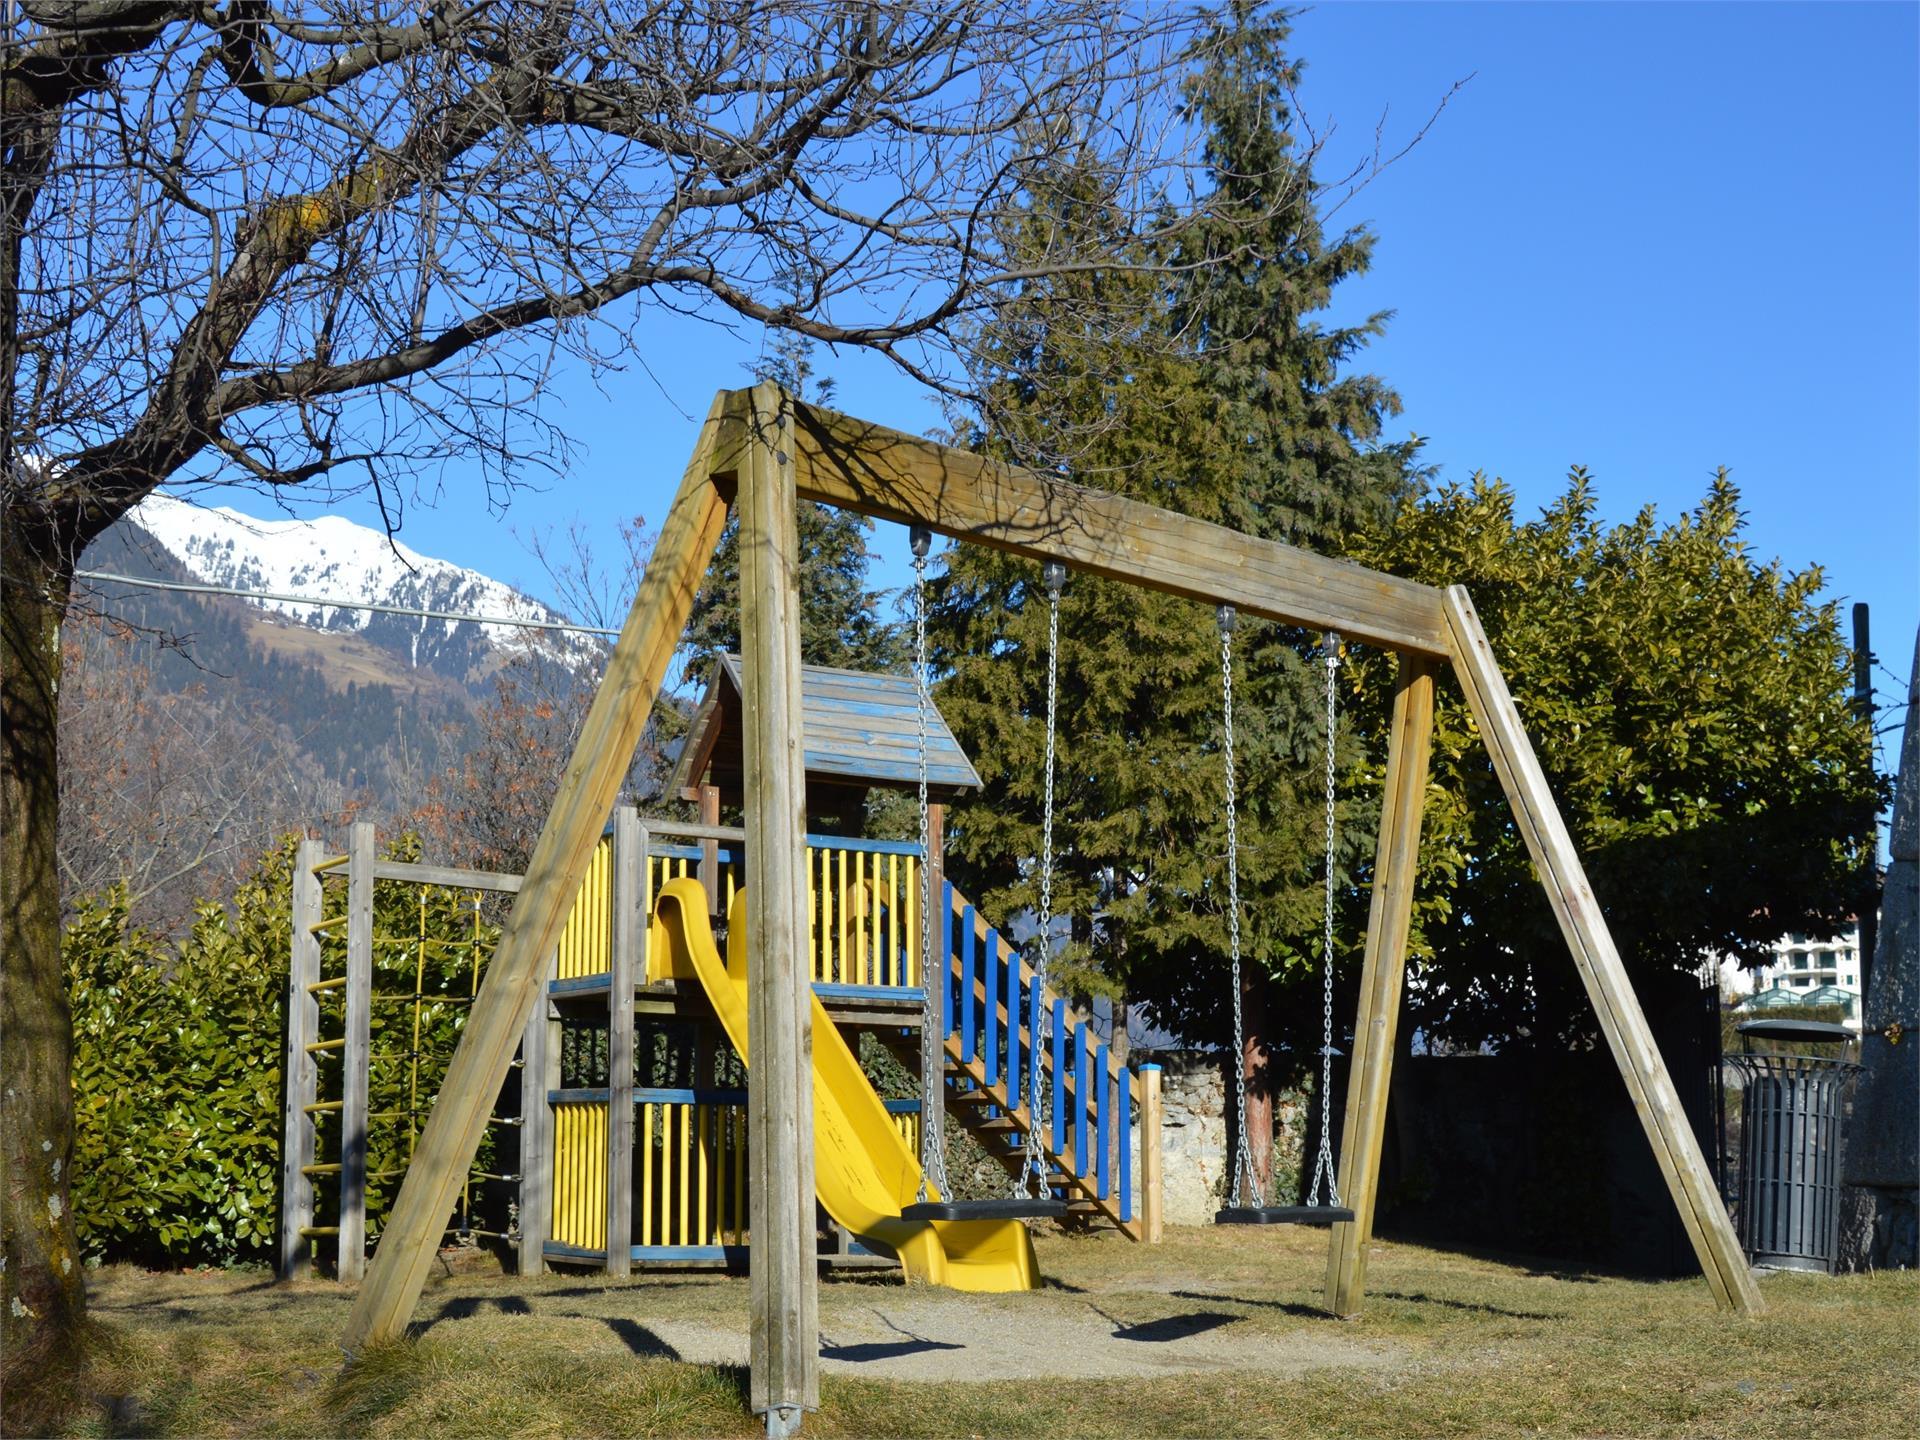 Kinderspielplatz im Rebenpark